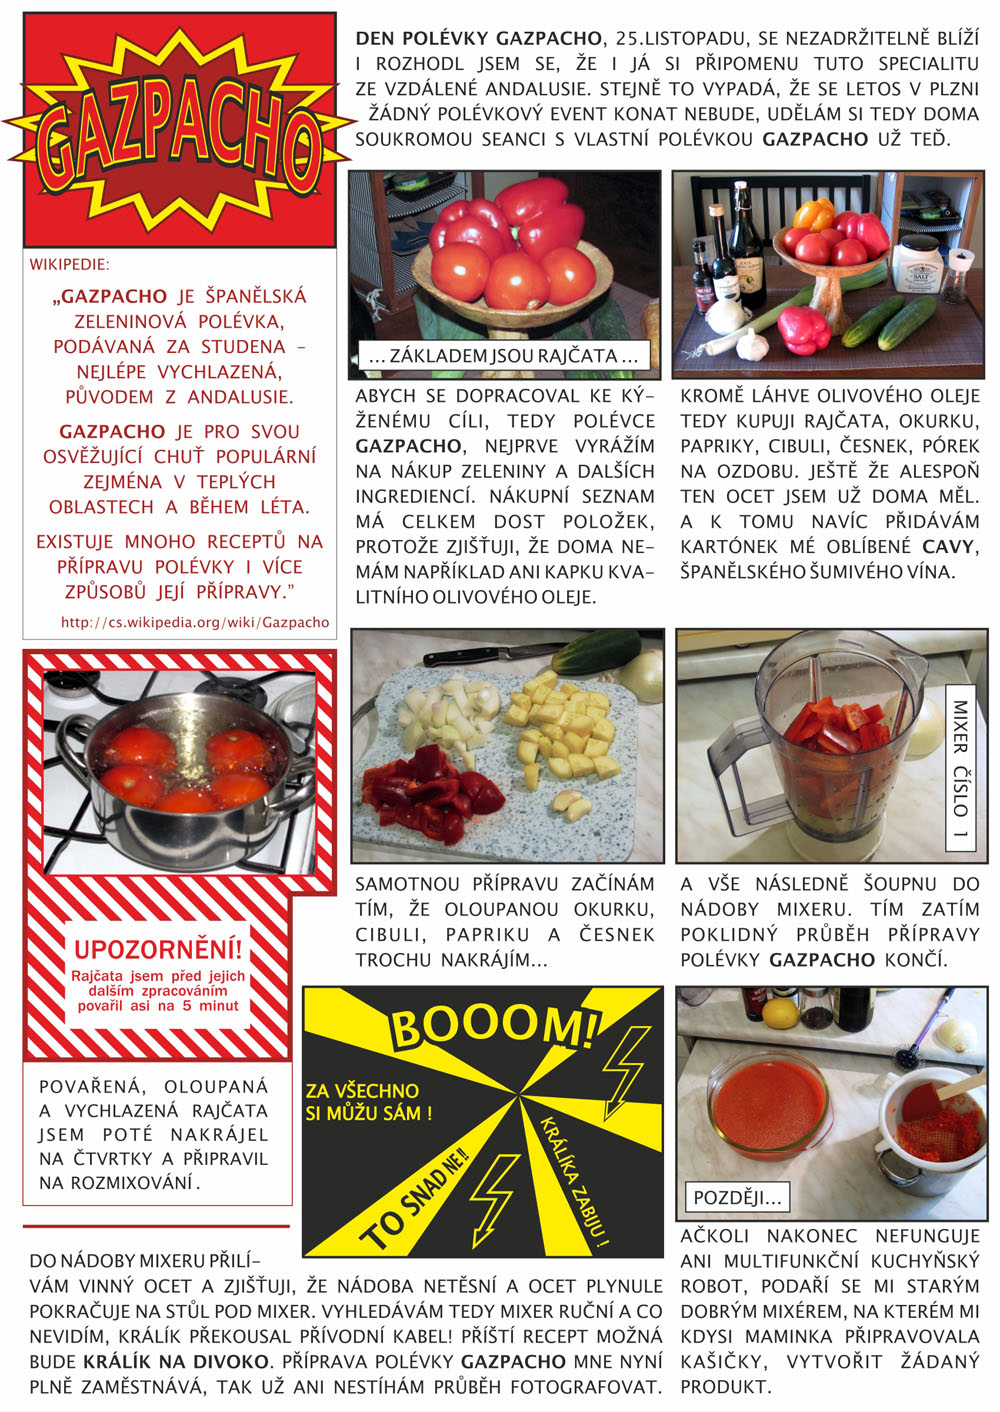 Gazpacho článek od Torfika